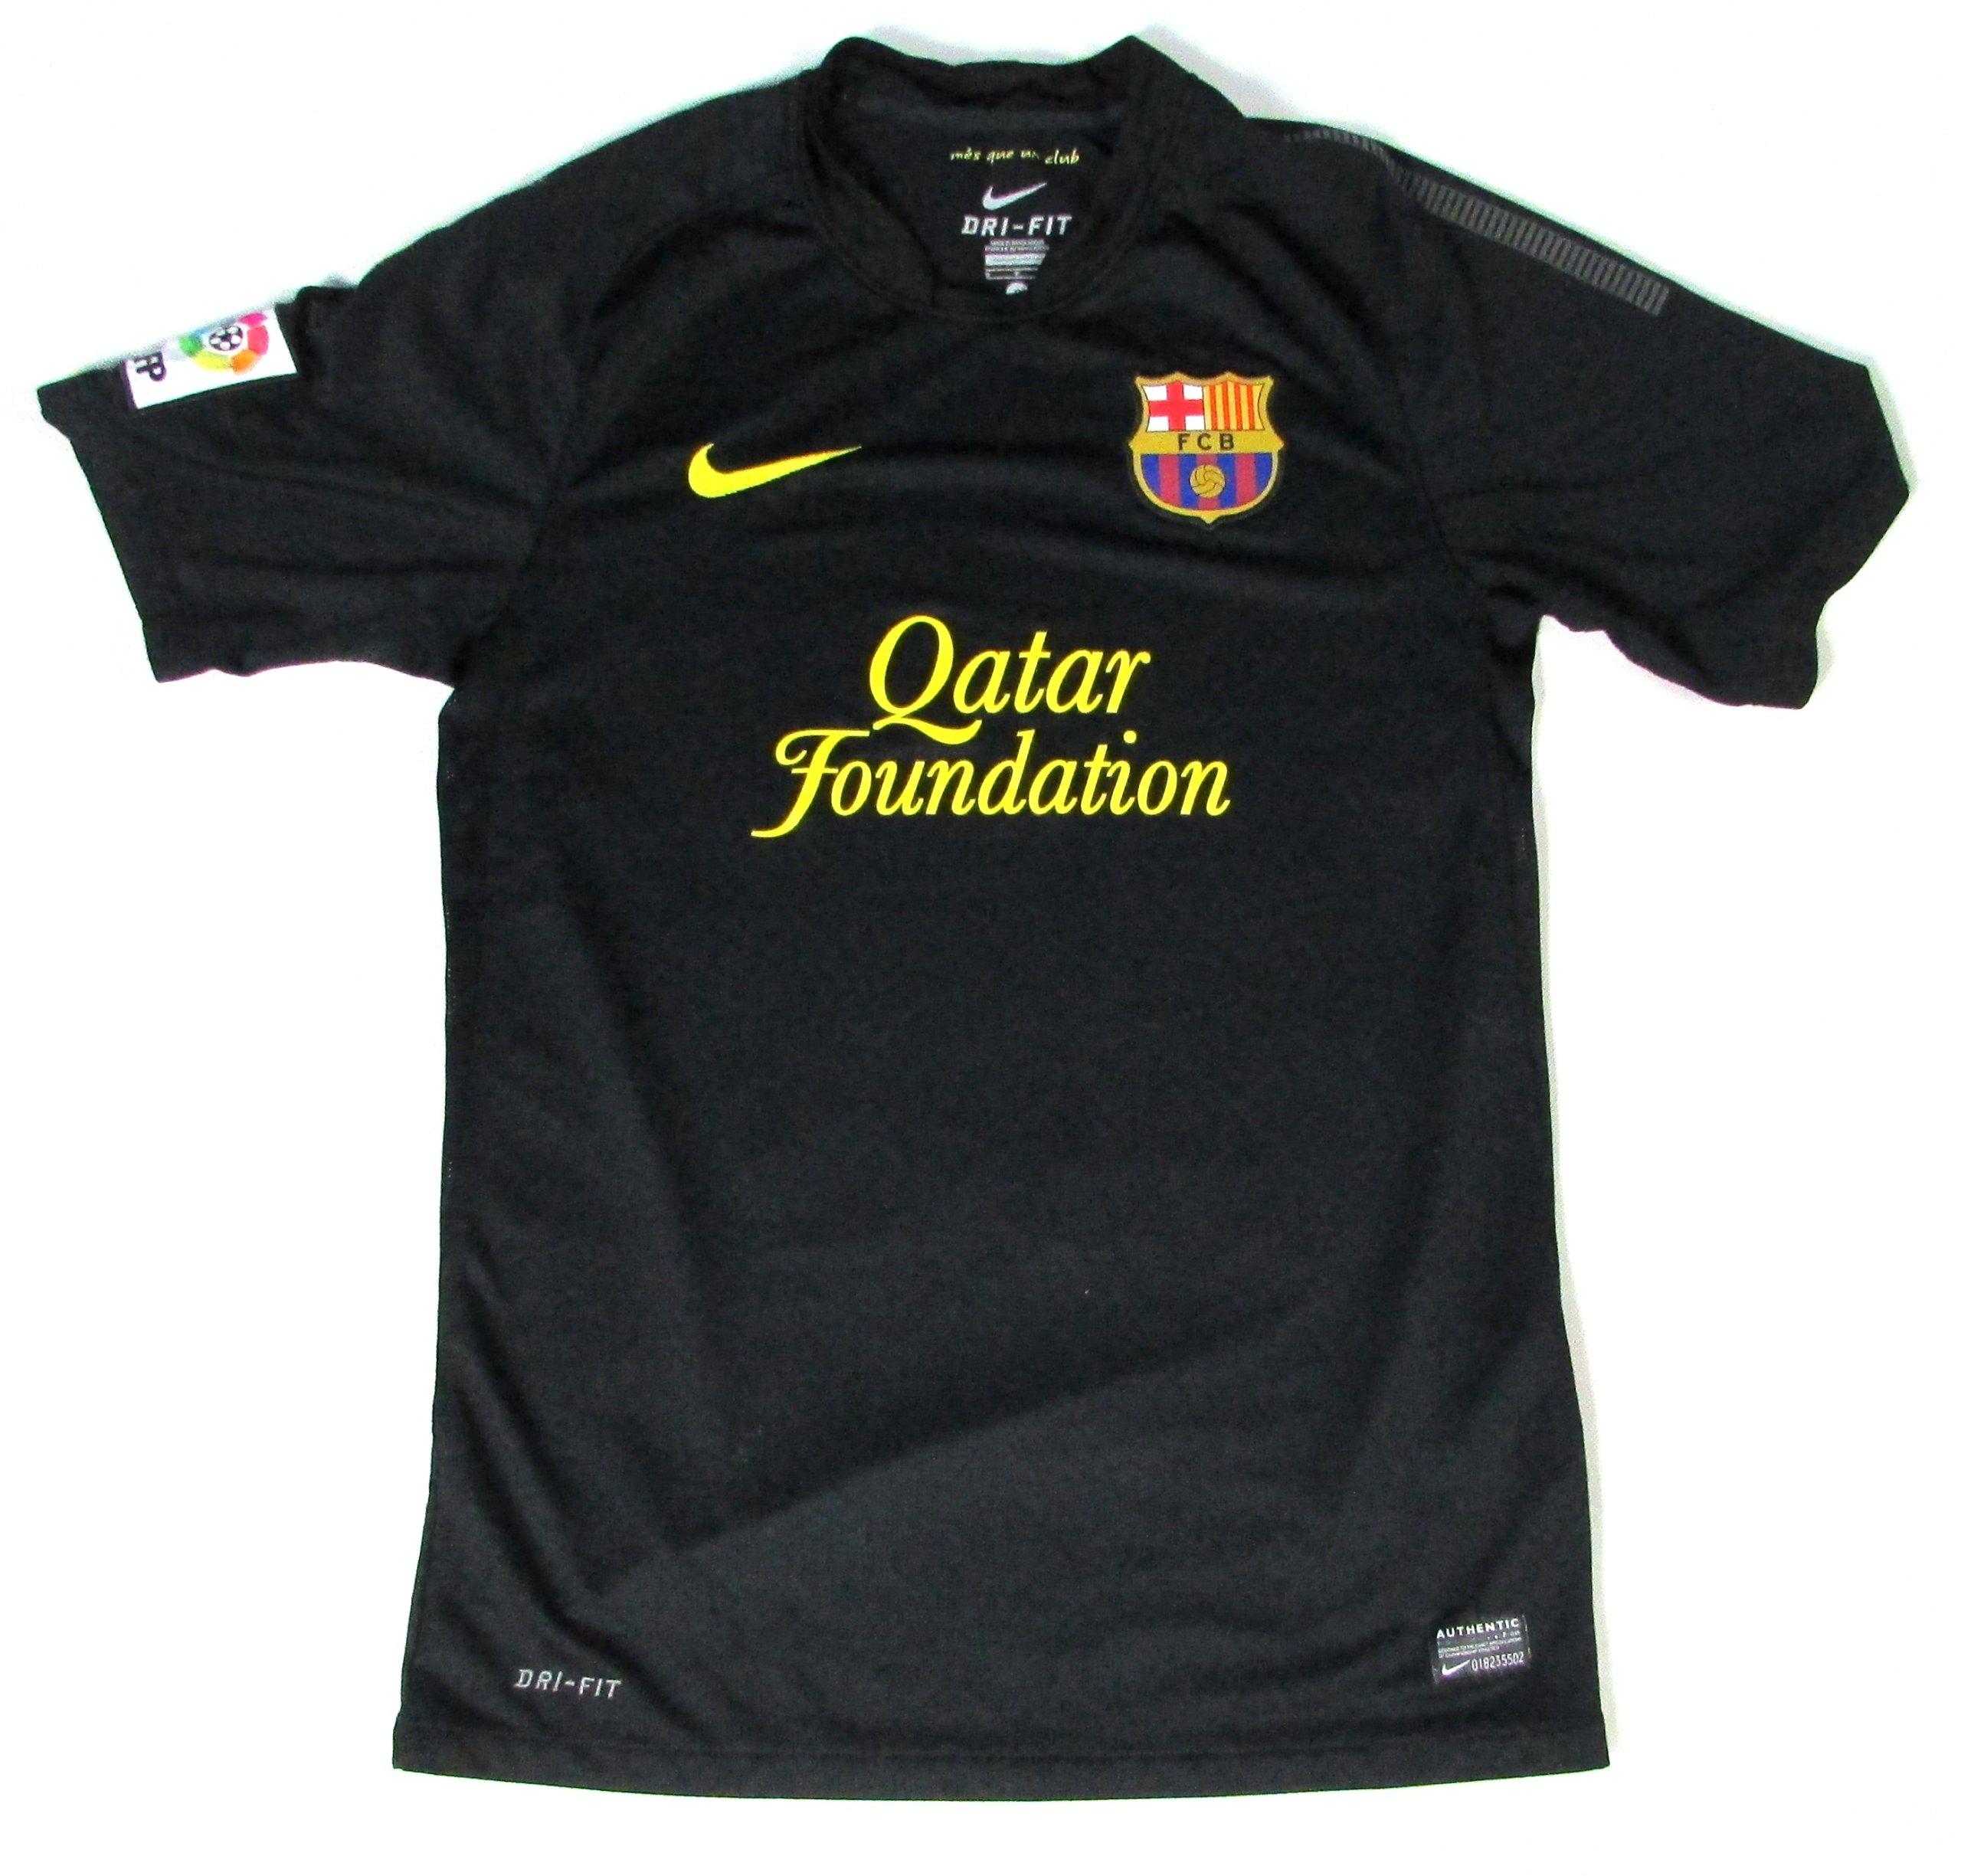 c63ae71a0 FC BARCELONA__S__Oficjalna koszulka__2011/12_IDEAŁ - 7254842883 ...